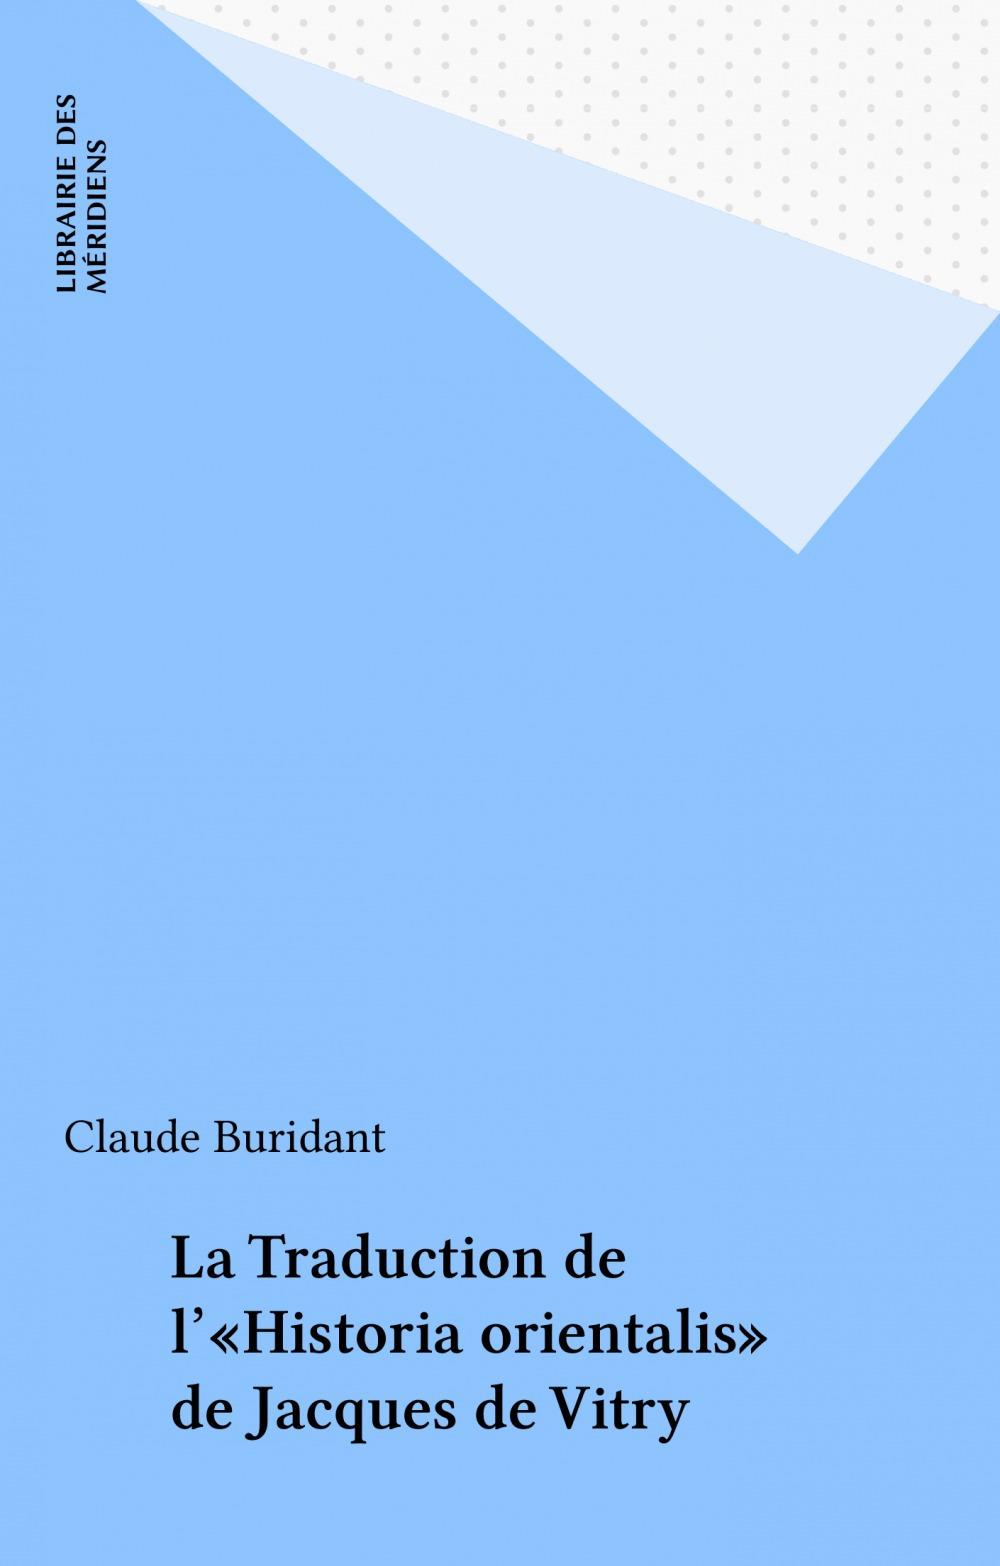 La Traduction de l'«Historia orientalis» de Jacques de Vitry